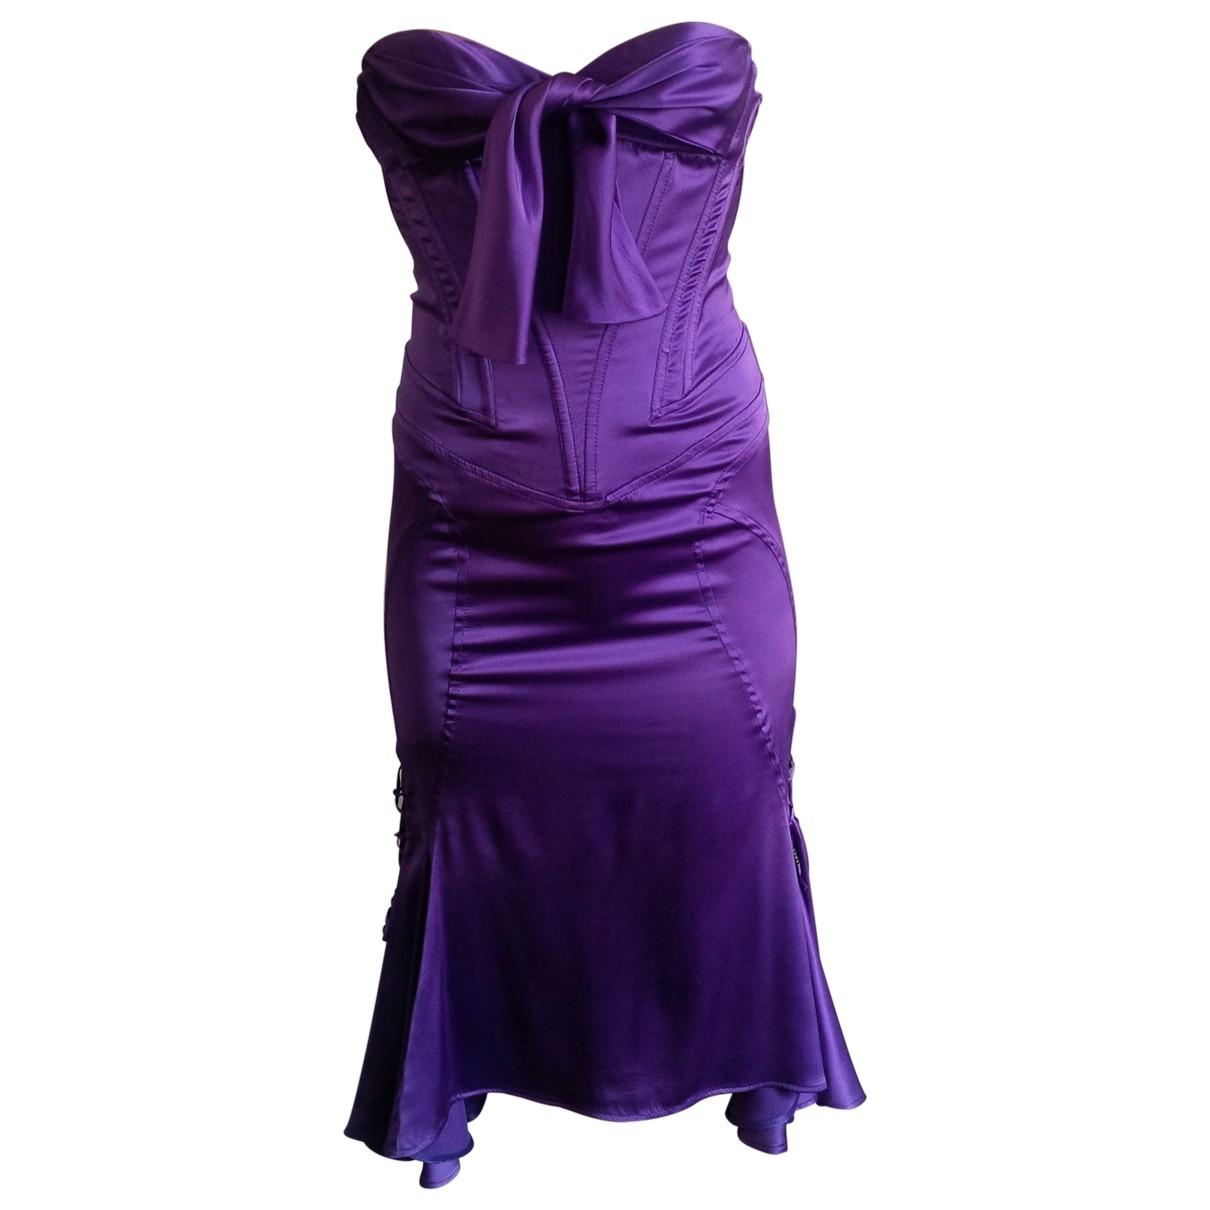 Just Cavalli \N Kleid in  Lila Seide